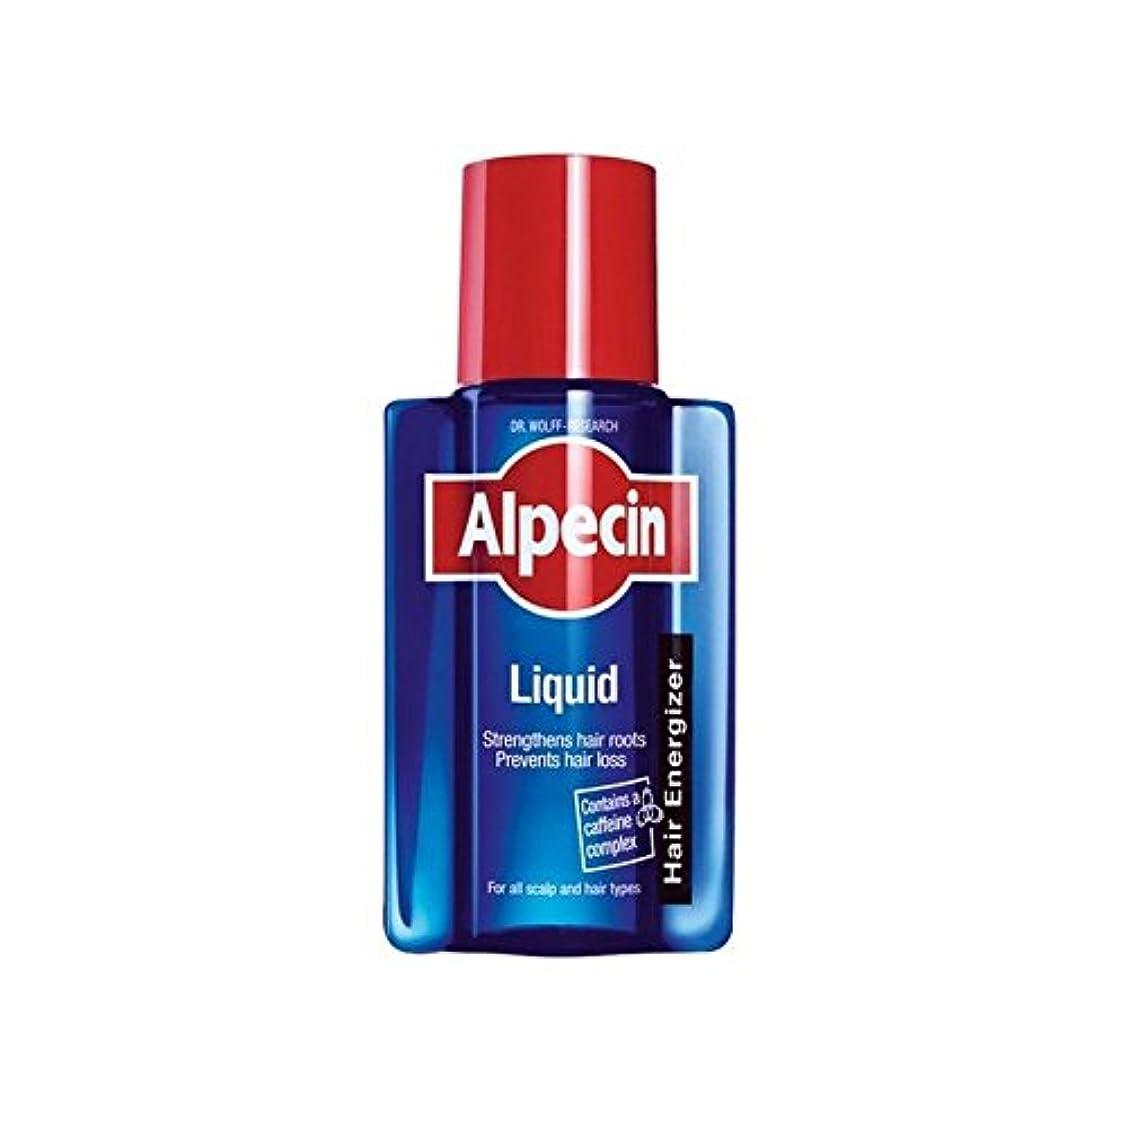 ましい苦行クマノミ液体(200)中 x2 - Alpecin Liquid (200ml) (Pack of 2) [並行輸入品]